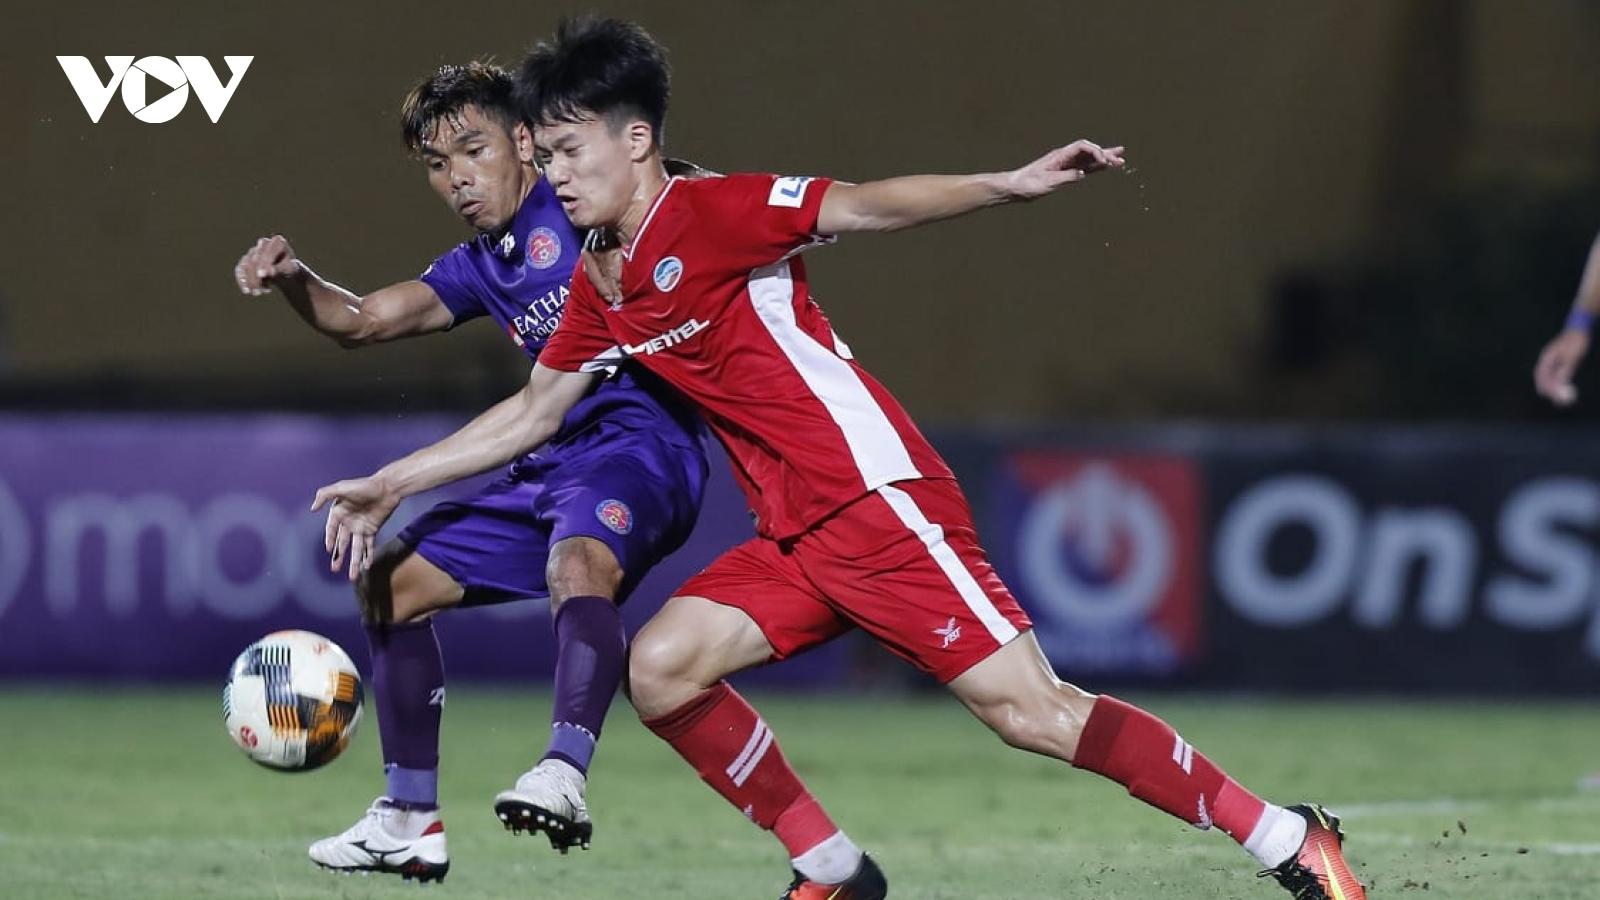 Đội dẫn đầu V-League 2020 vắng 3 trụ cột ở vòng cuối lượt đi